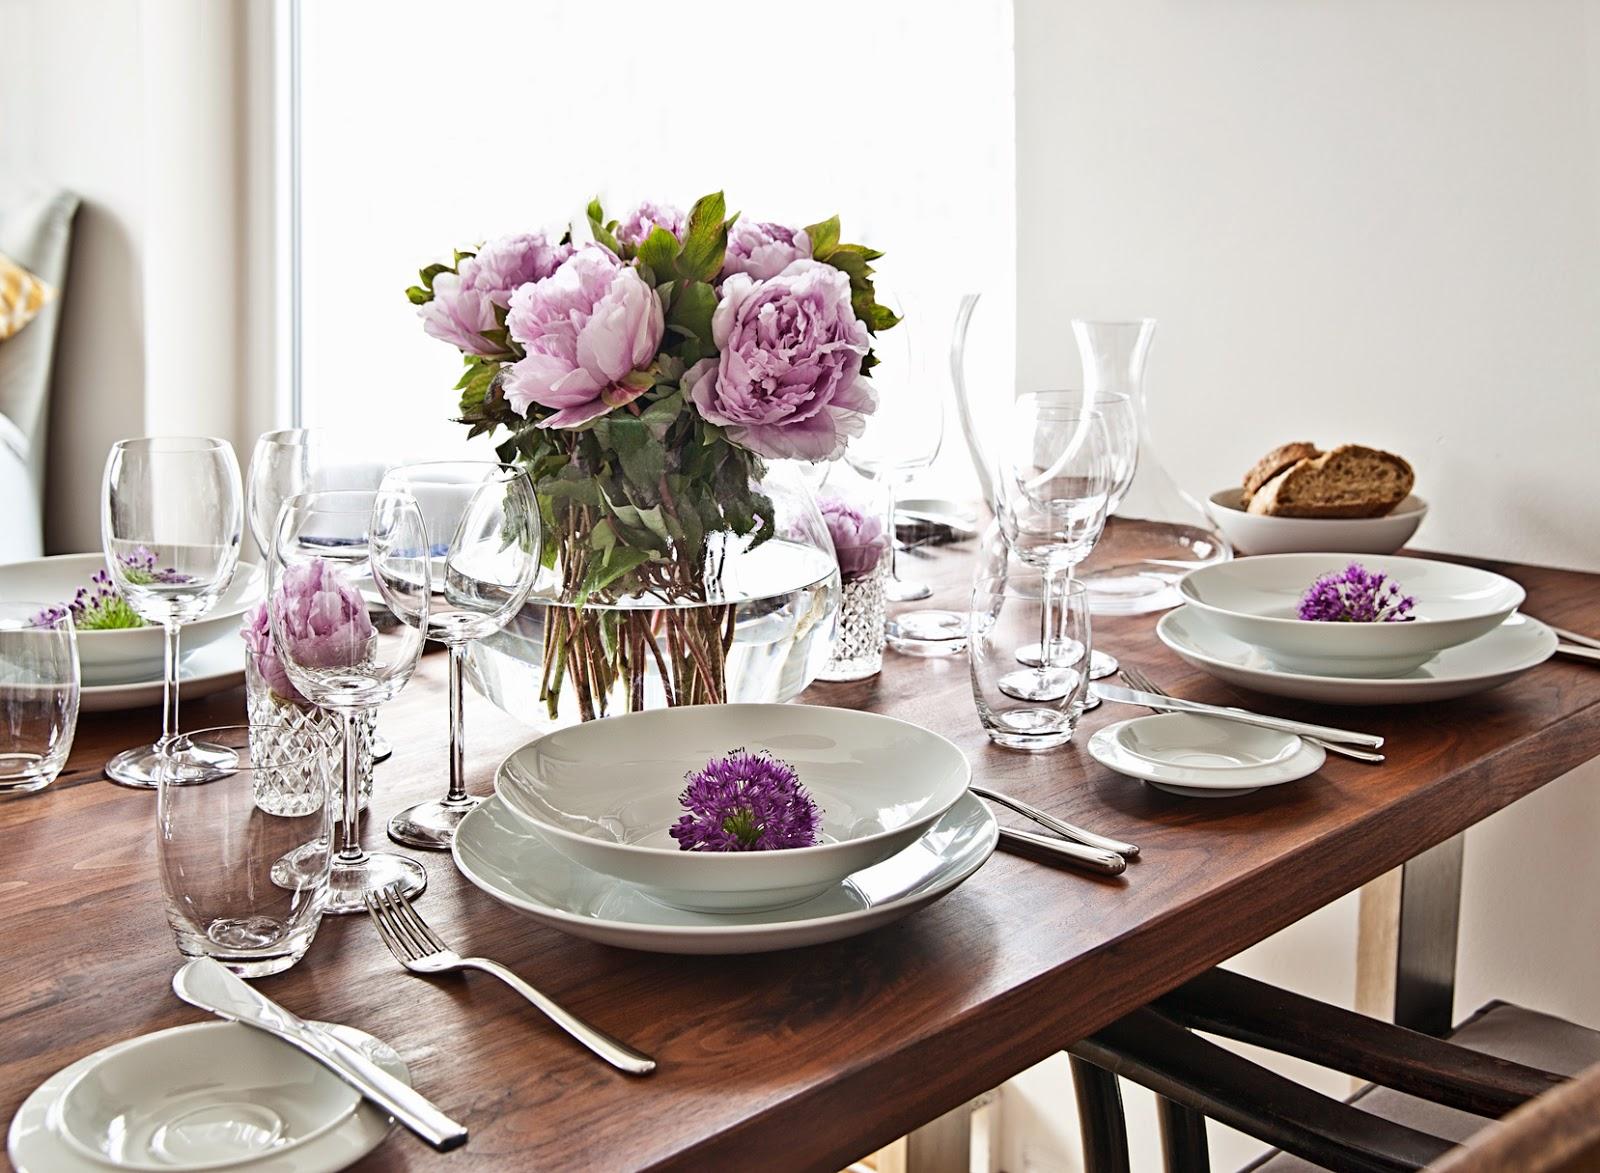 Как украсить обеденный стол на кухне